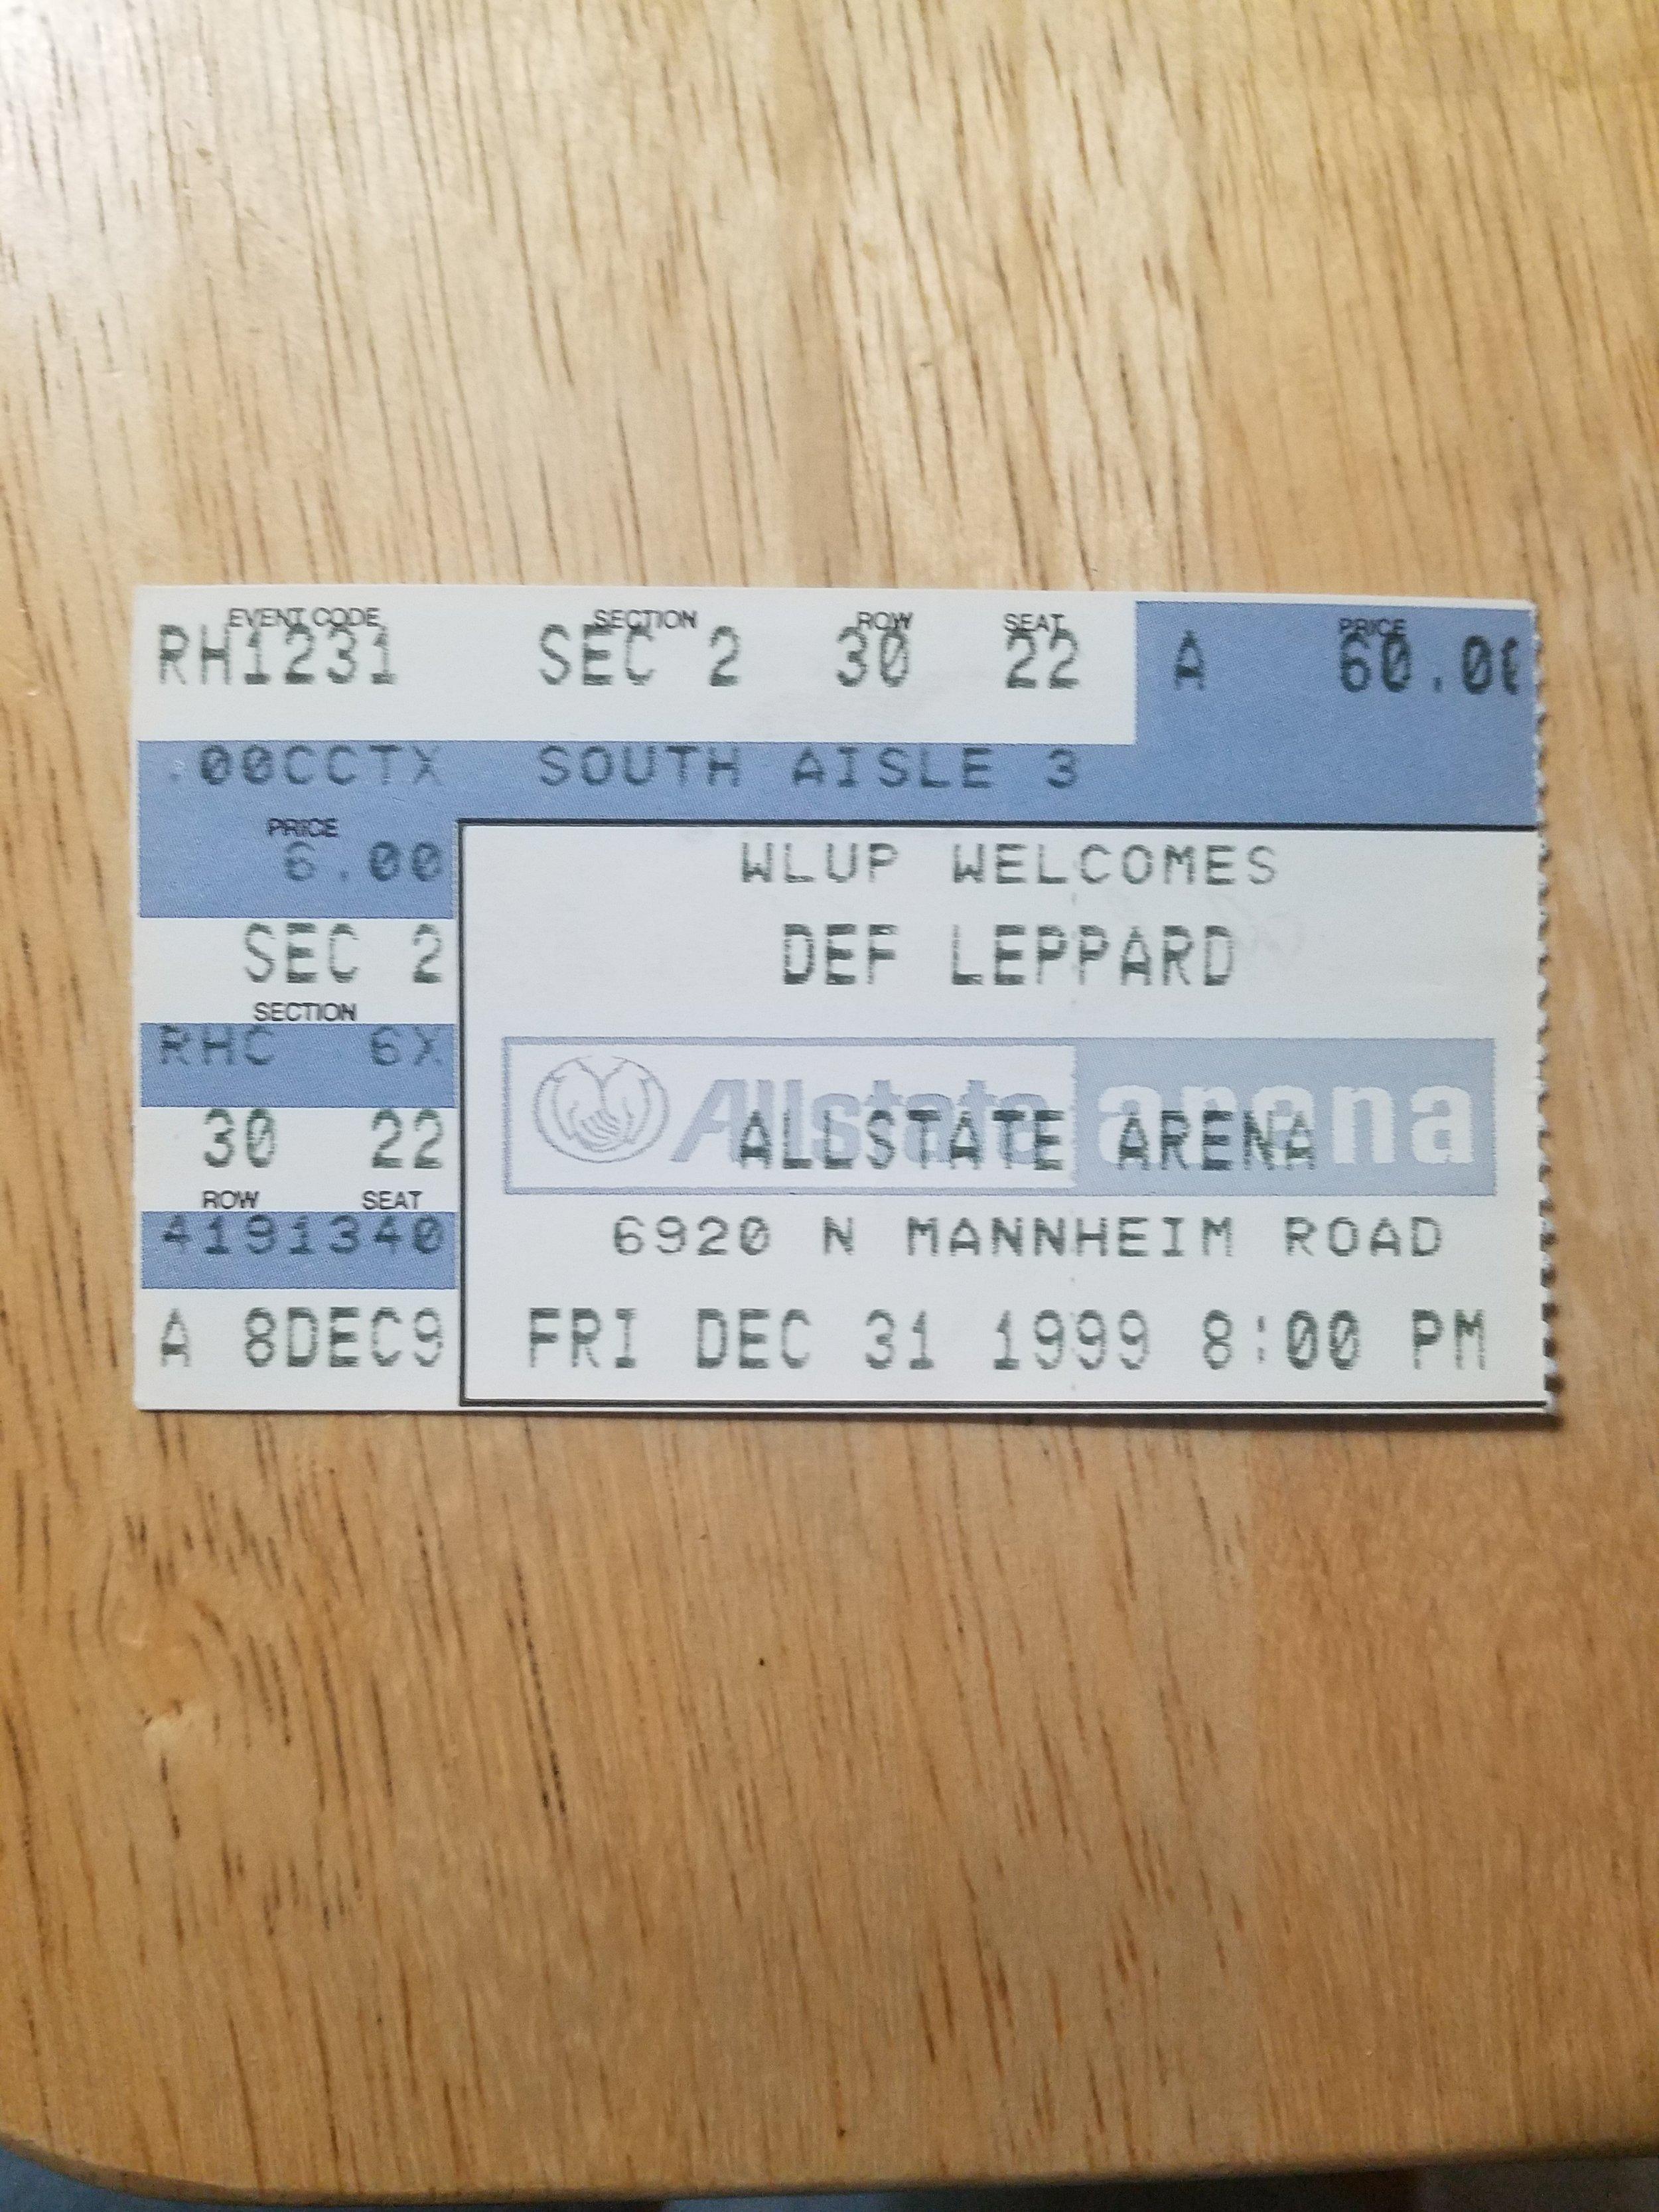 def leppard concert tix.jpg